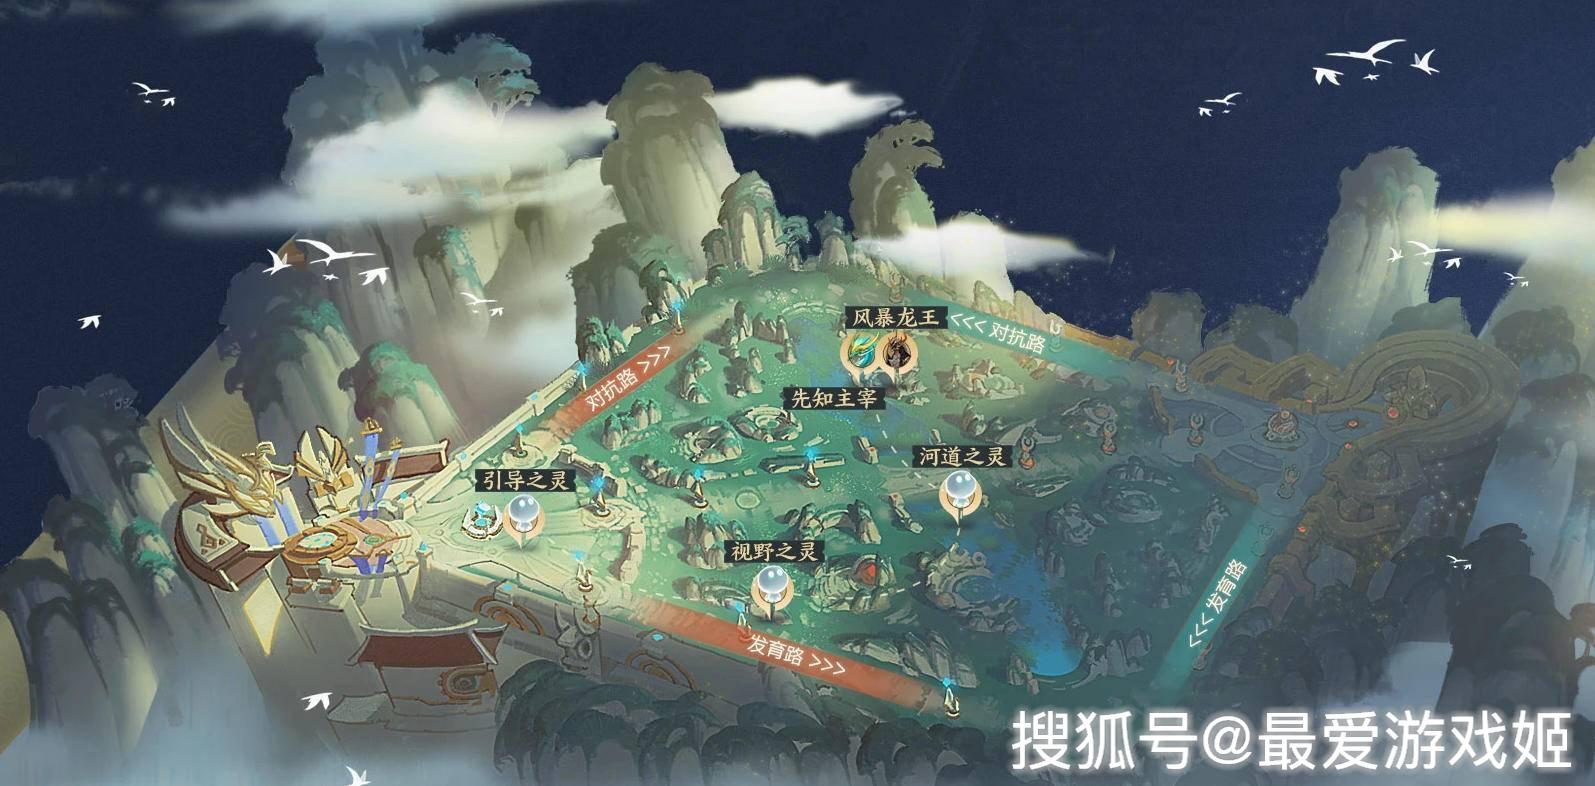 王者荣耀S17改动曝光:英雄调整加新地图,段位继承表出炉(经典对白)